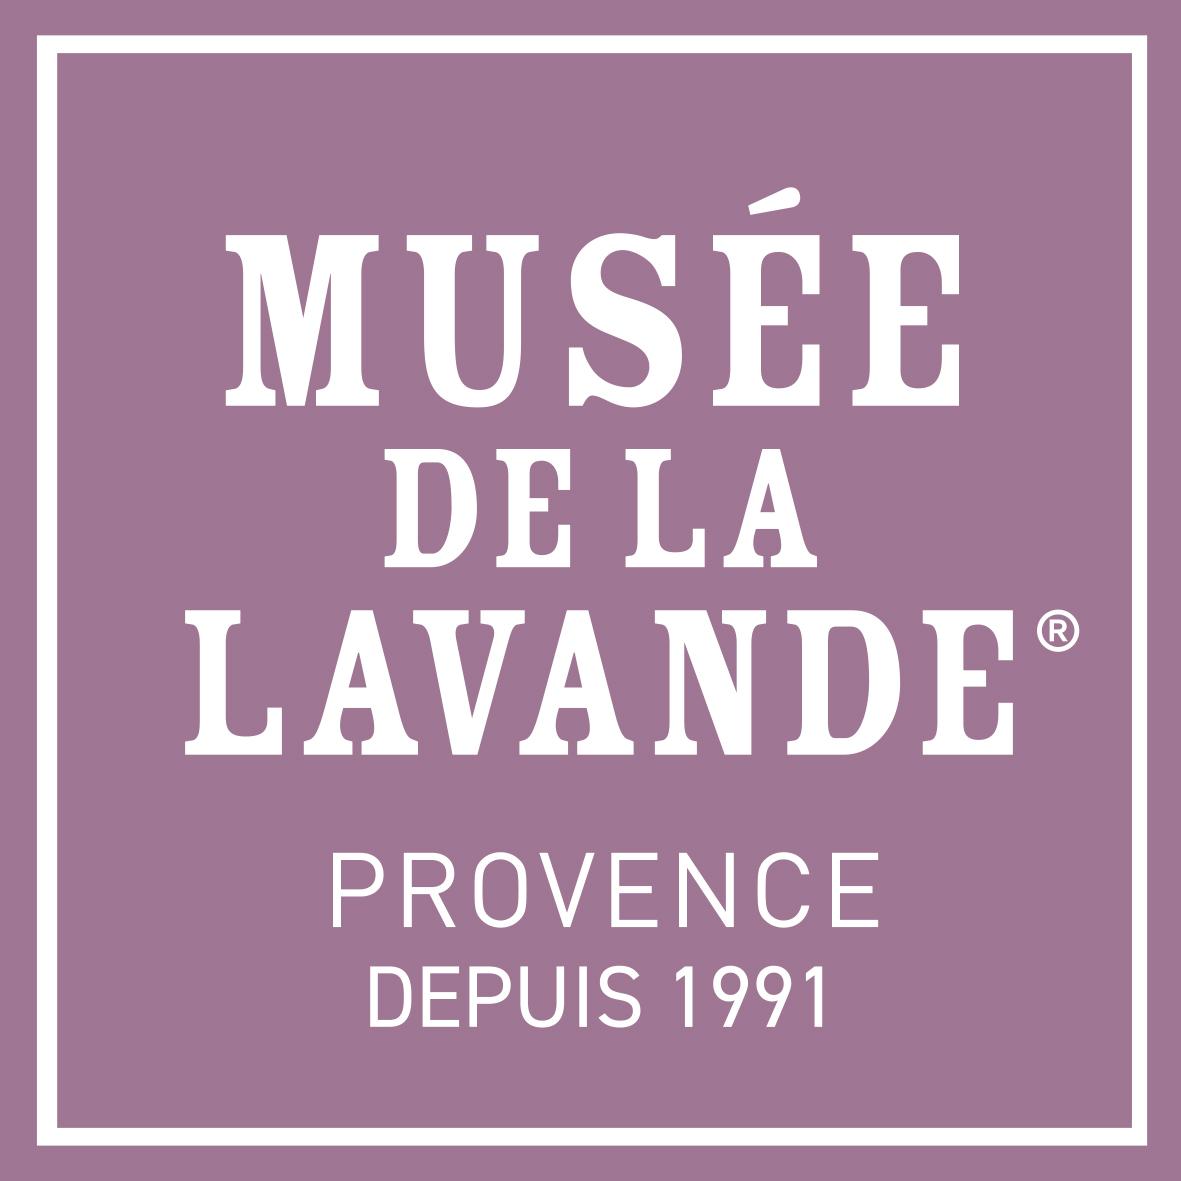 logo_carre_francais_MUSÉE_+_TRADEMARK_-_RGB